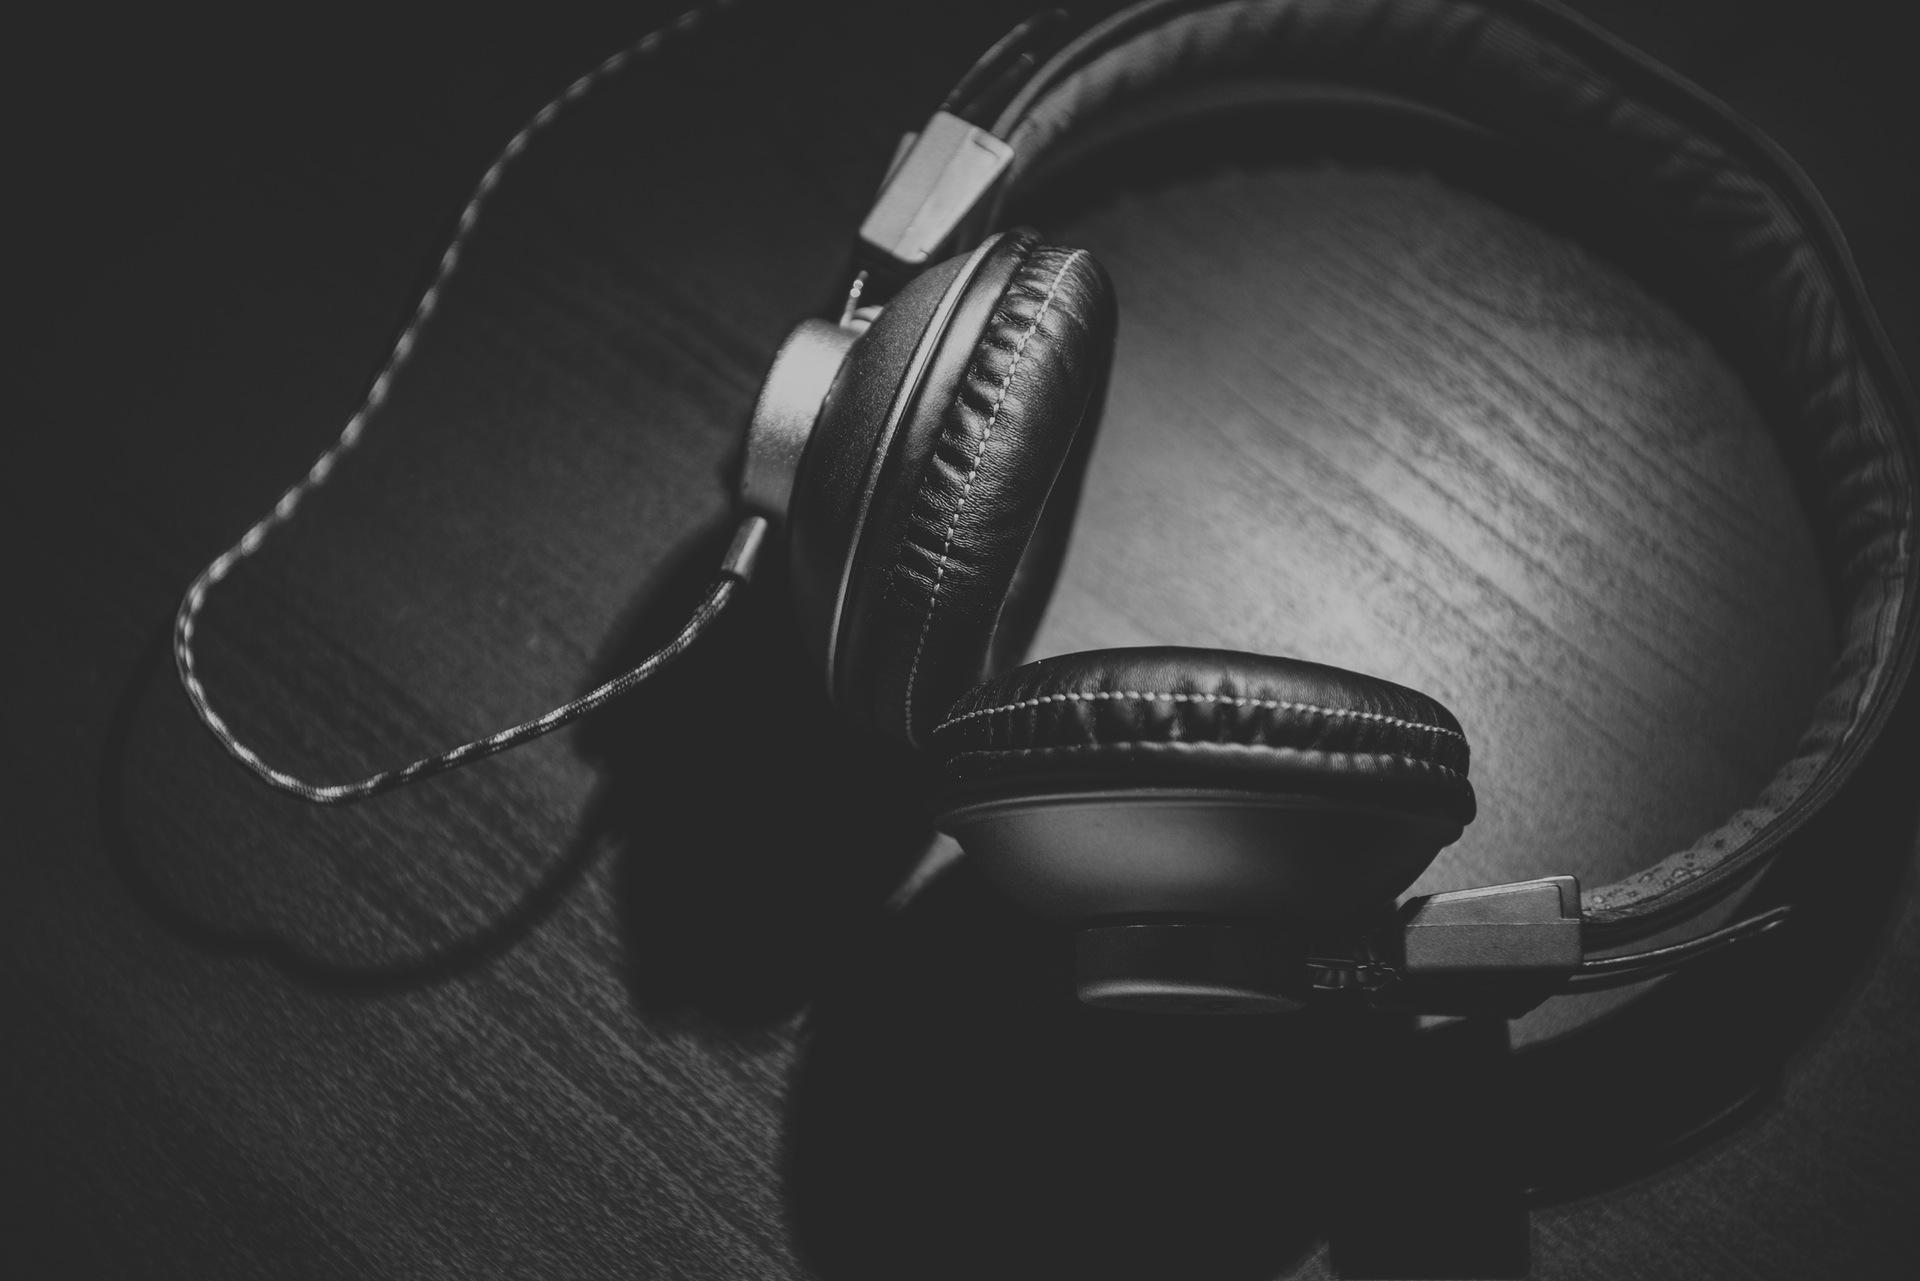 Spotify : un malware s'insinue dans les publicités de l'application